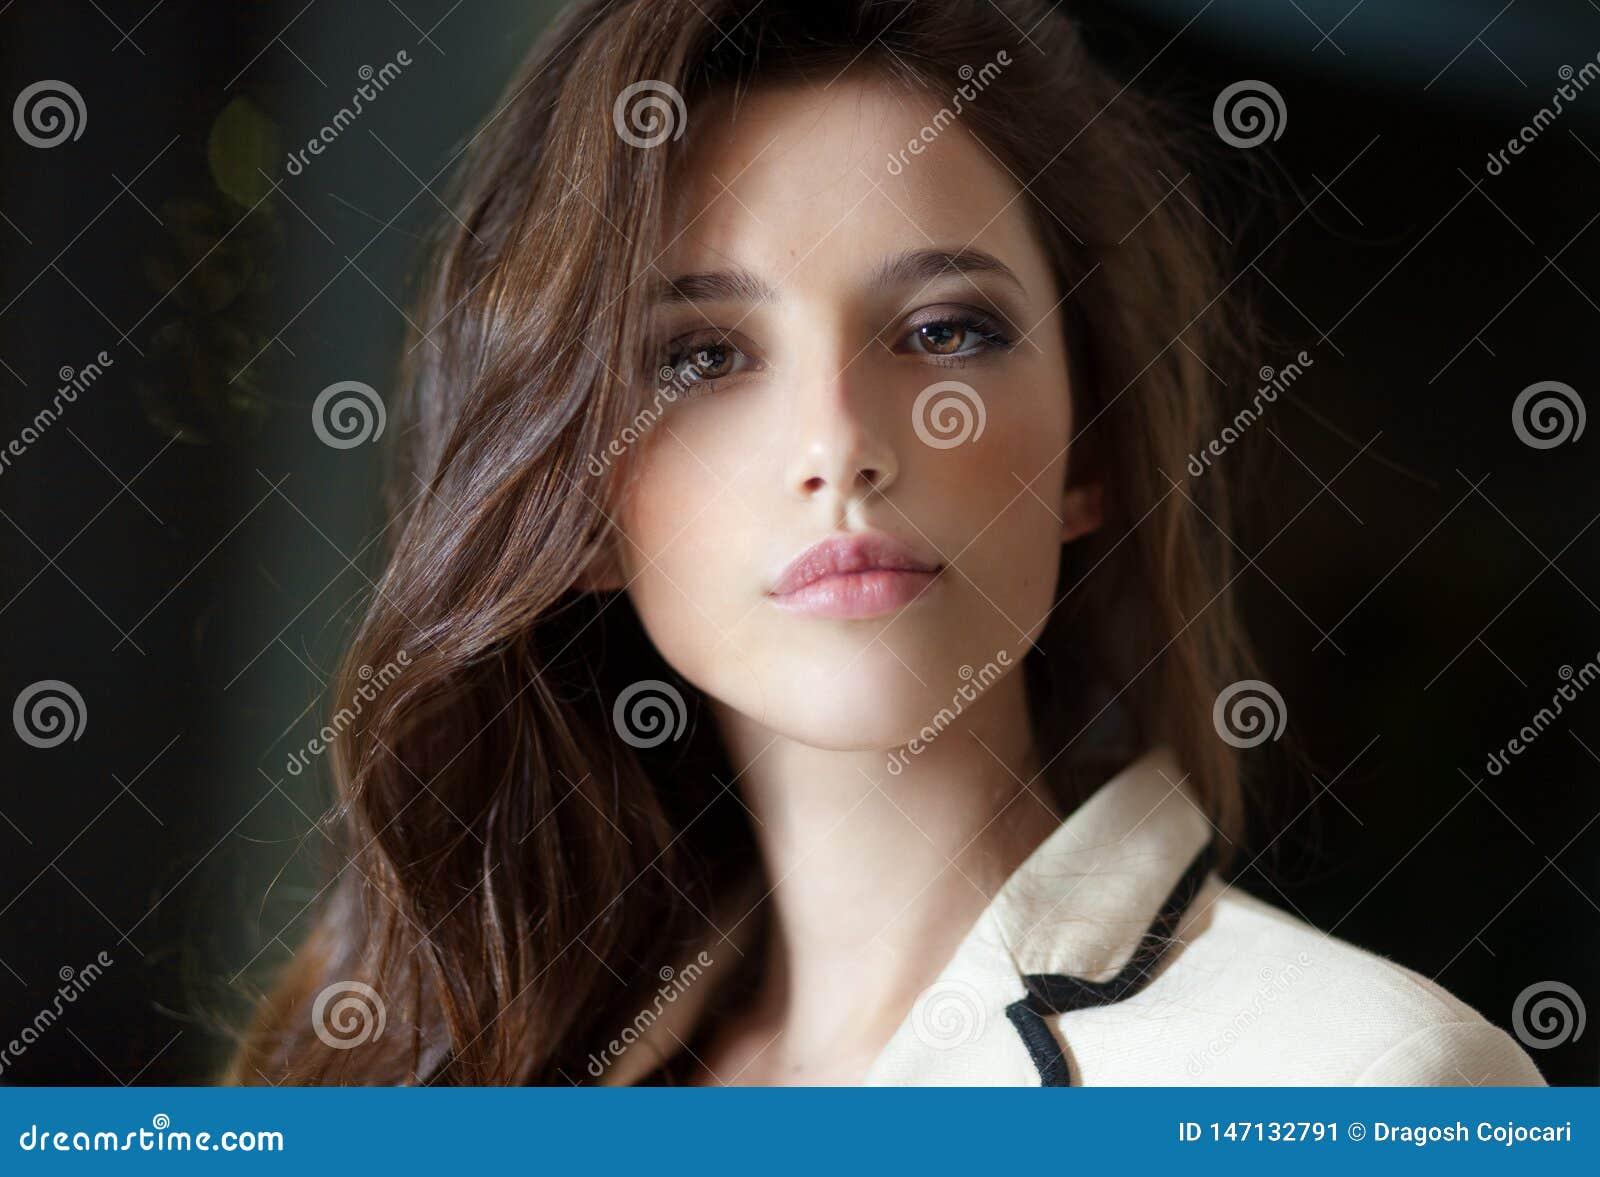 Retrato frontal de uma jovem mulher com cabelo longo, vestindo no terno delicado, olhando a câmera, fundo obscuro da sala